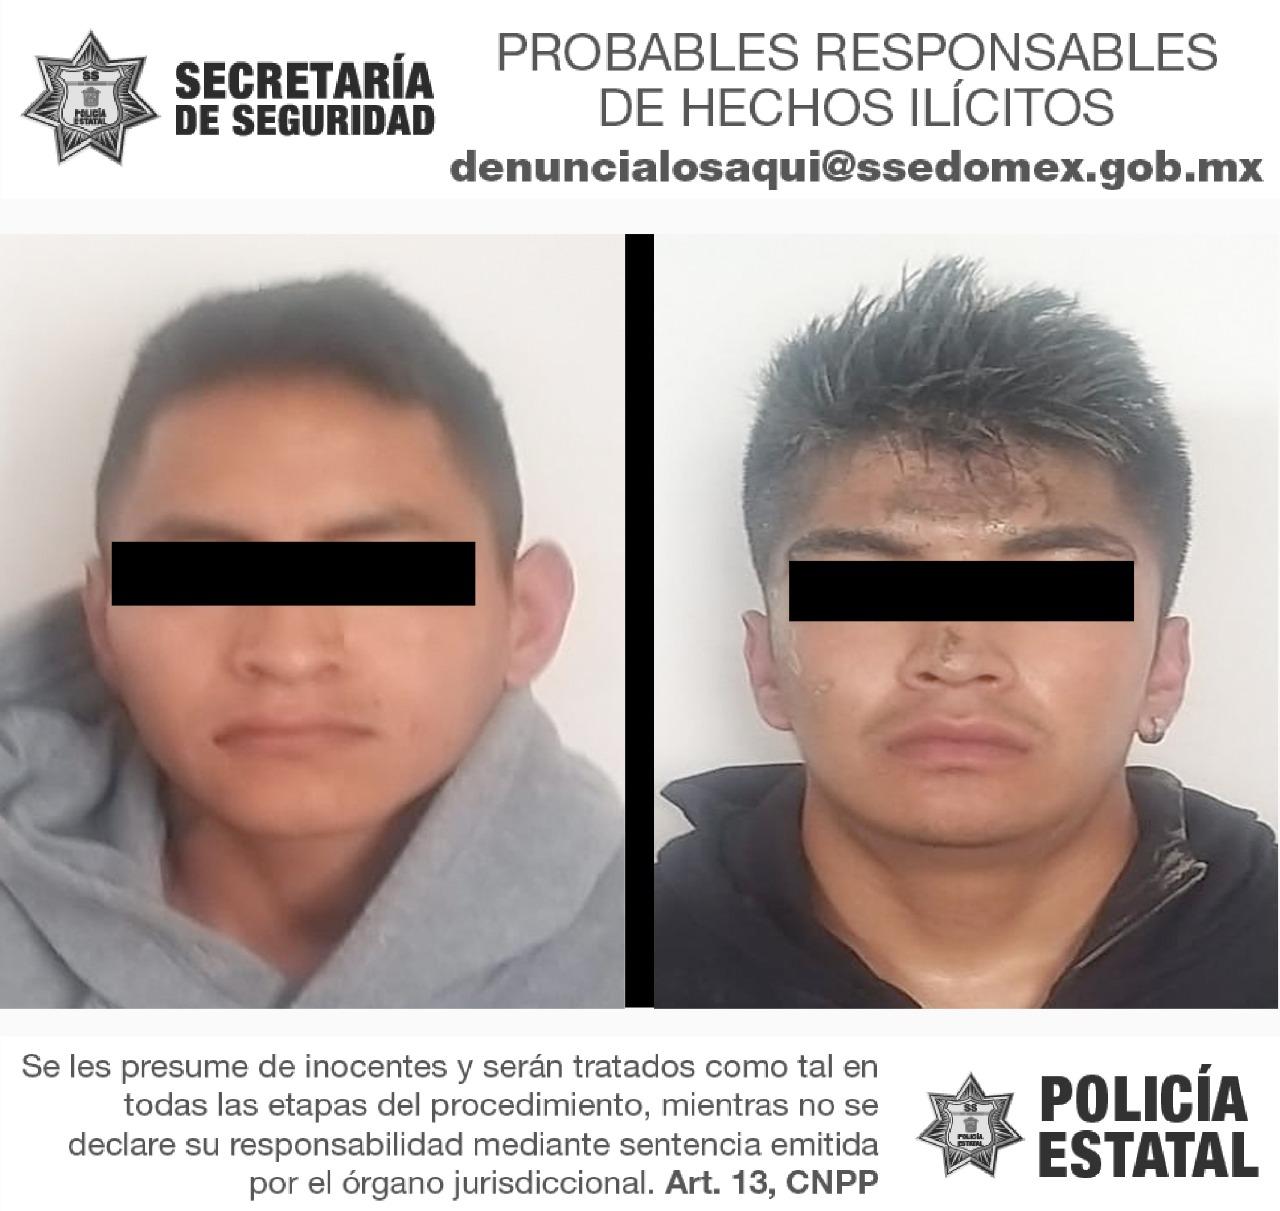 Tras persecución secretaría de seguridad detiene a dos posibles responsables del delito de homicidio